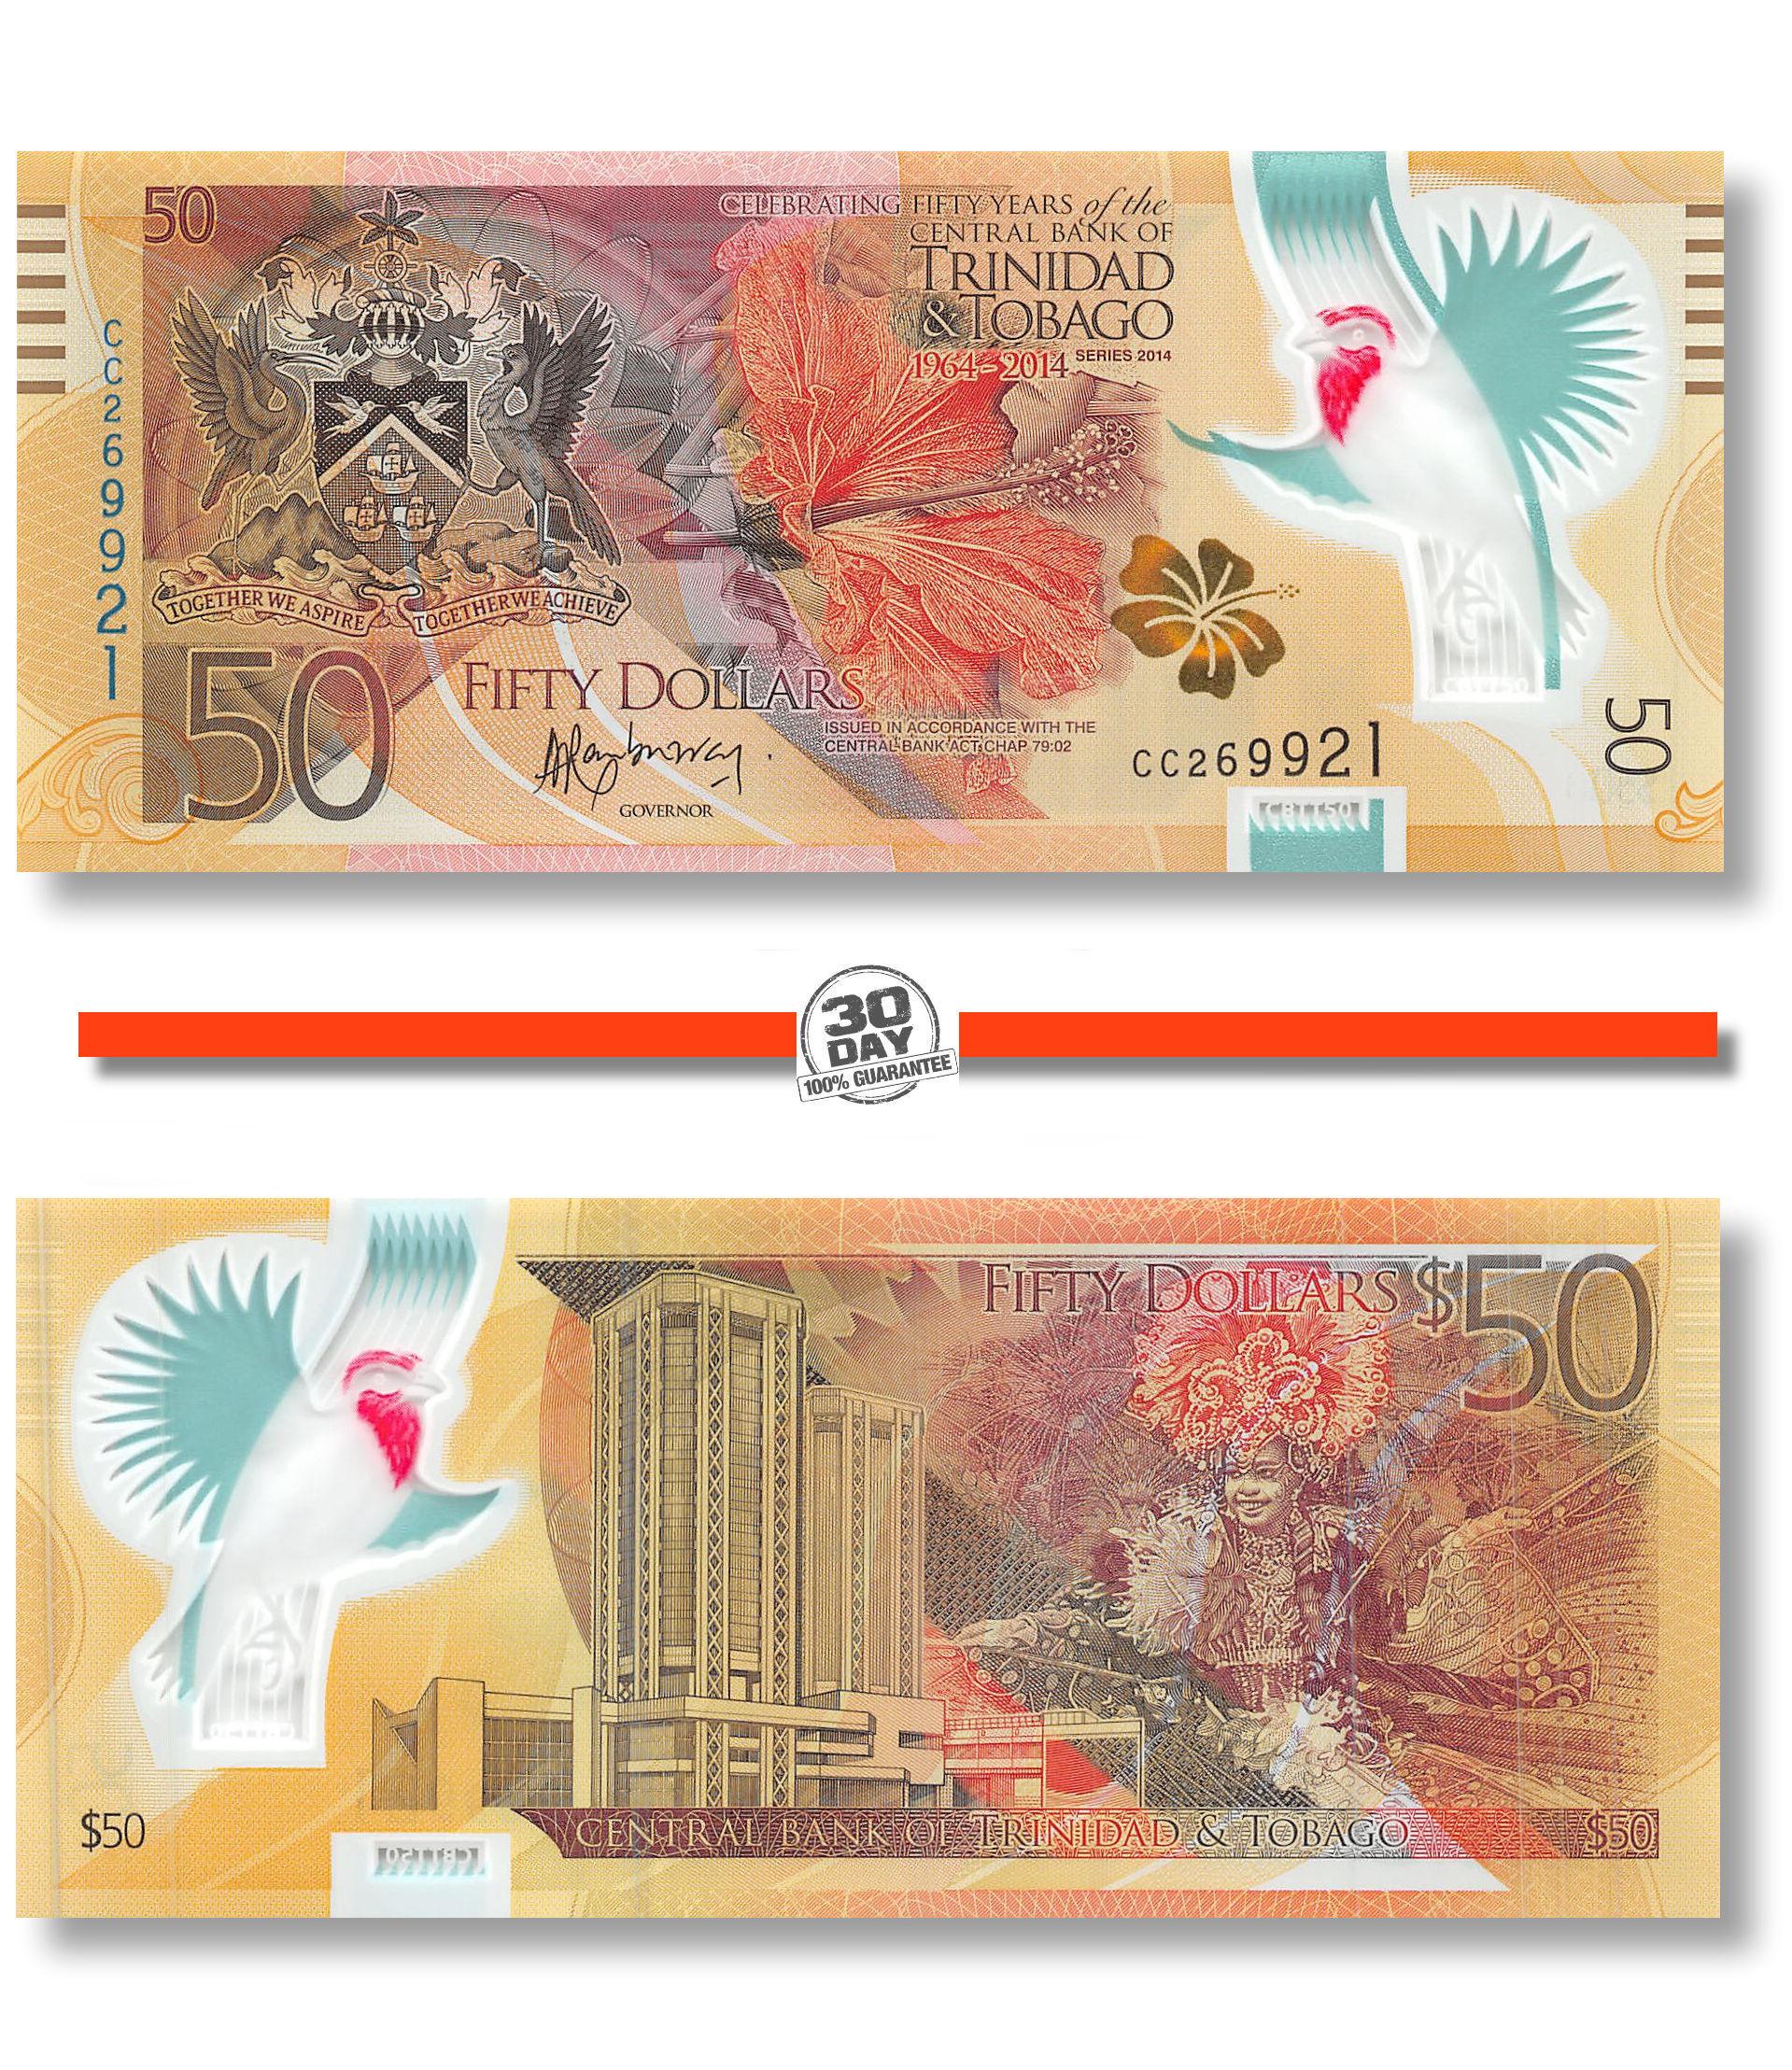 Trinidad and Tobago 50 Dollars P 54 2014 UNC Polymer Commemorative Combine FREE